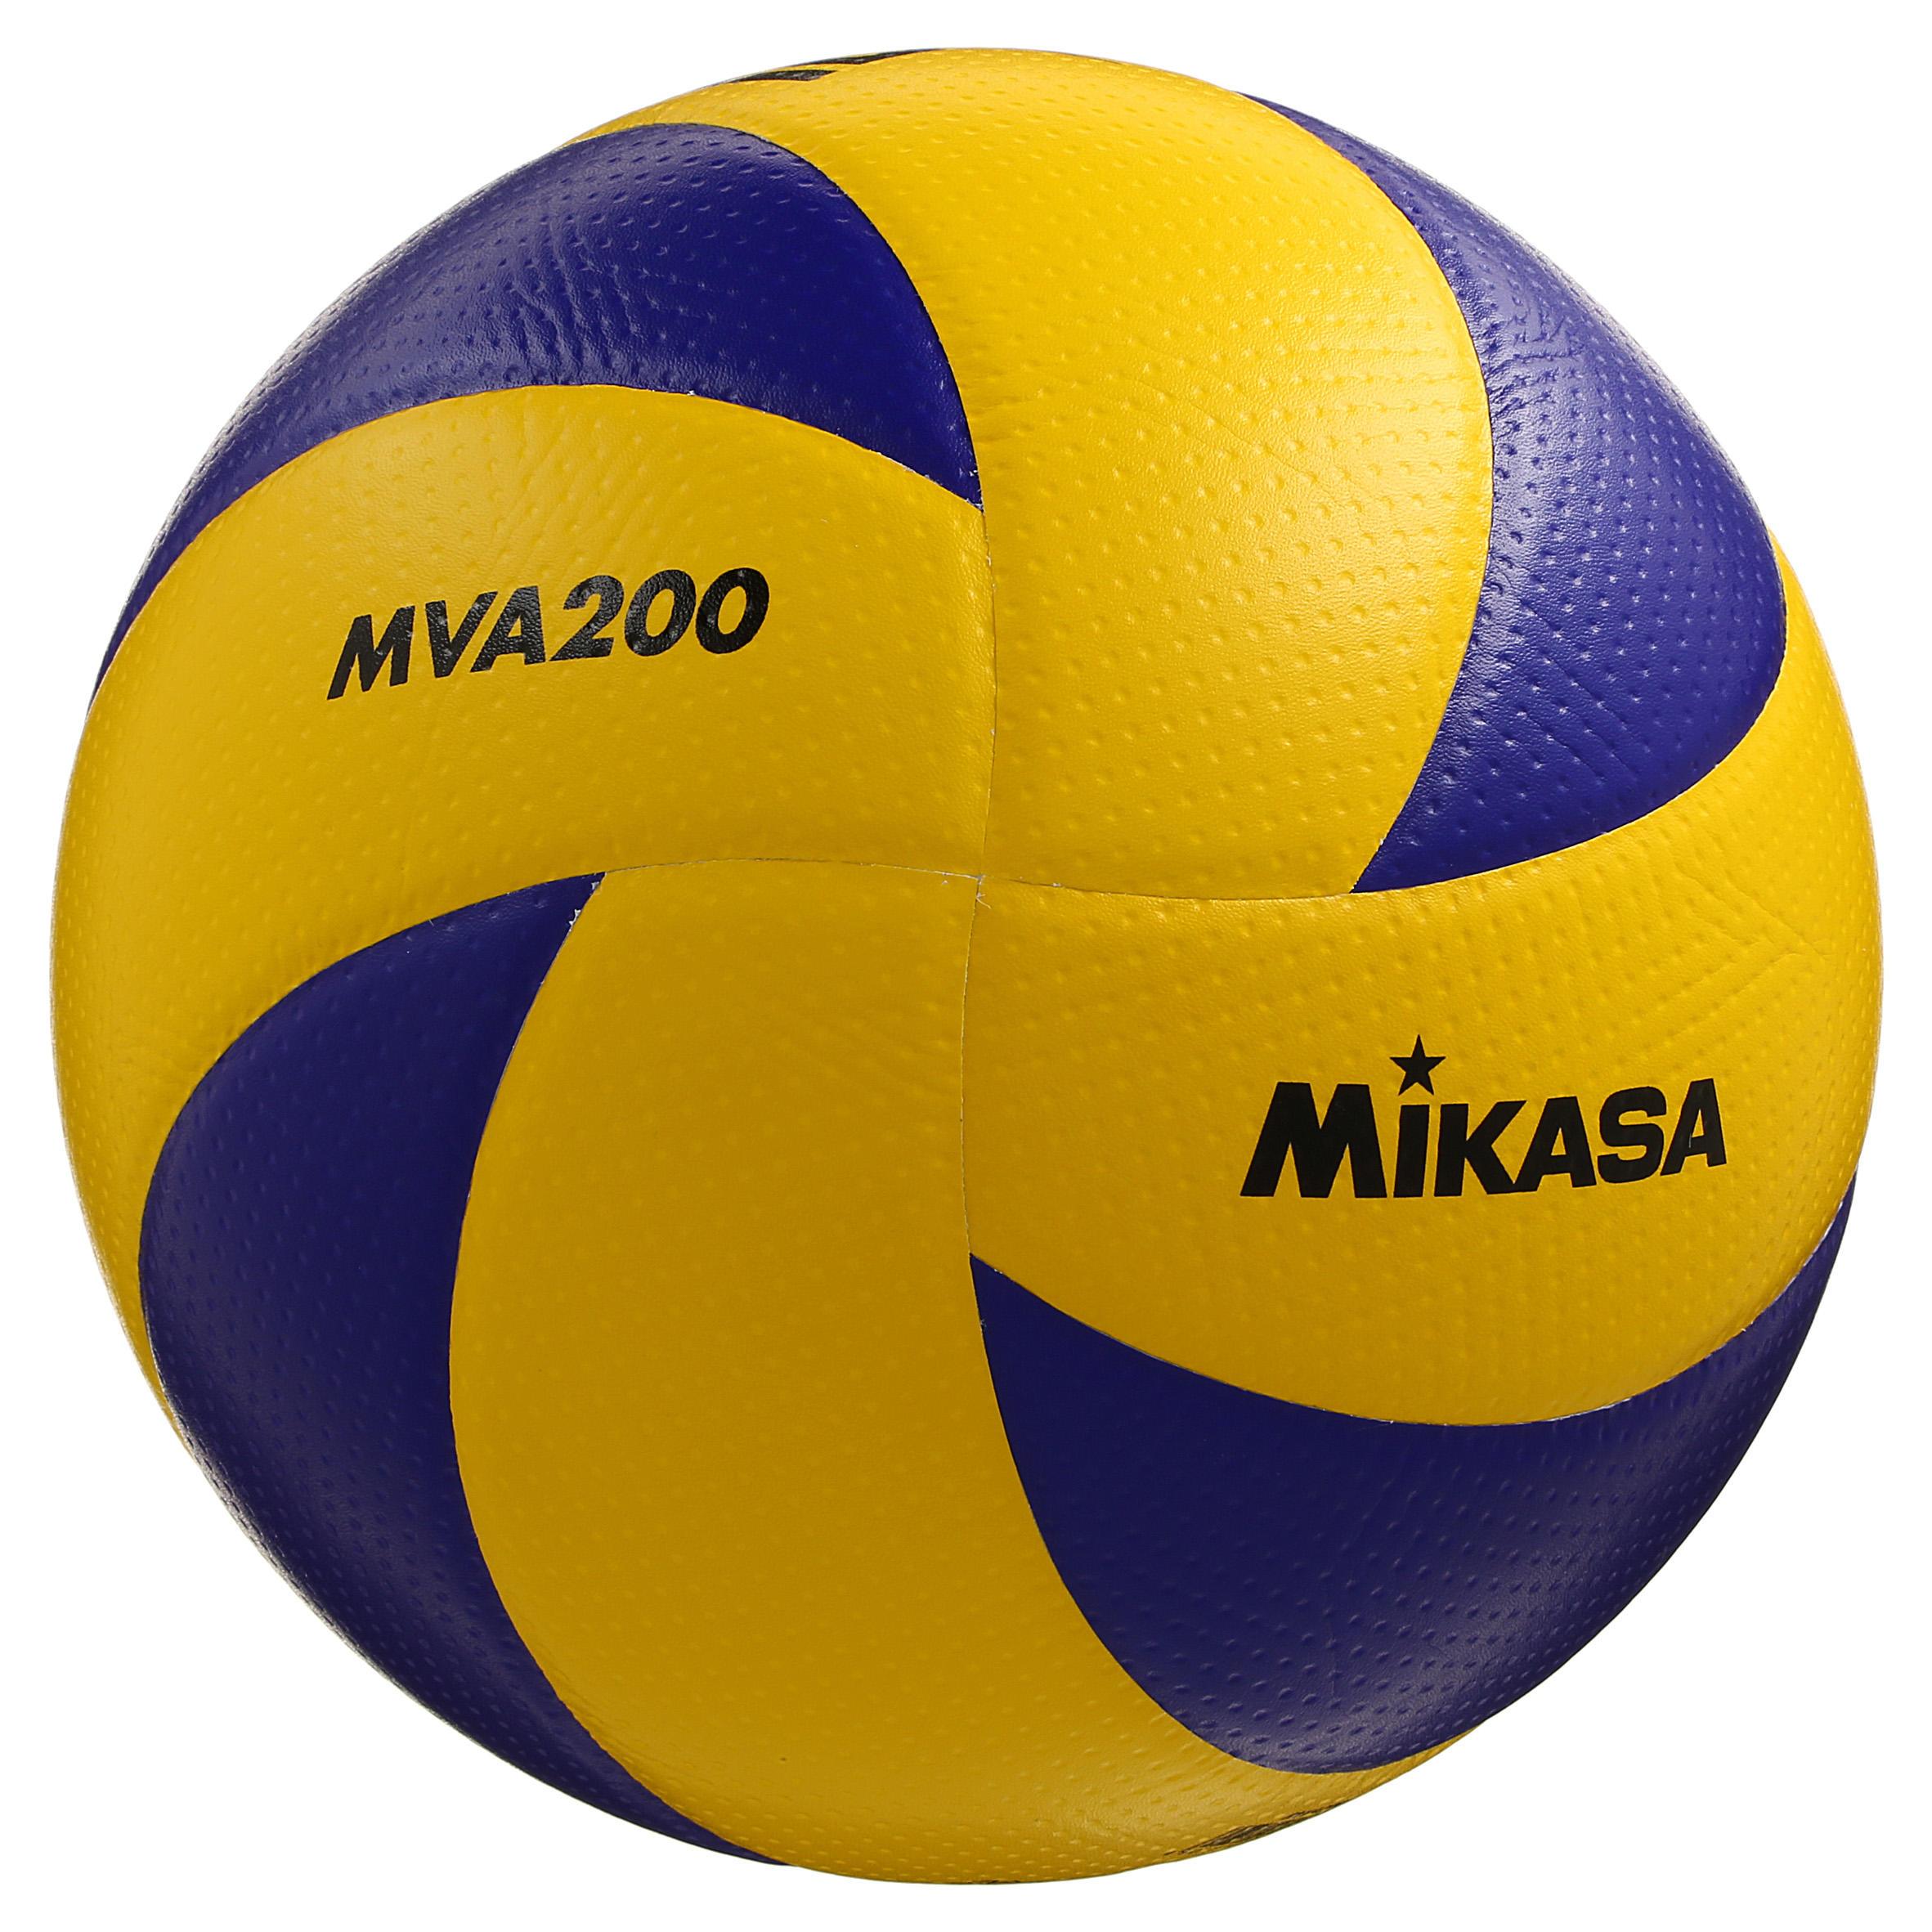 Mikasa Volleybal MVA 200 geel blauw kopen